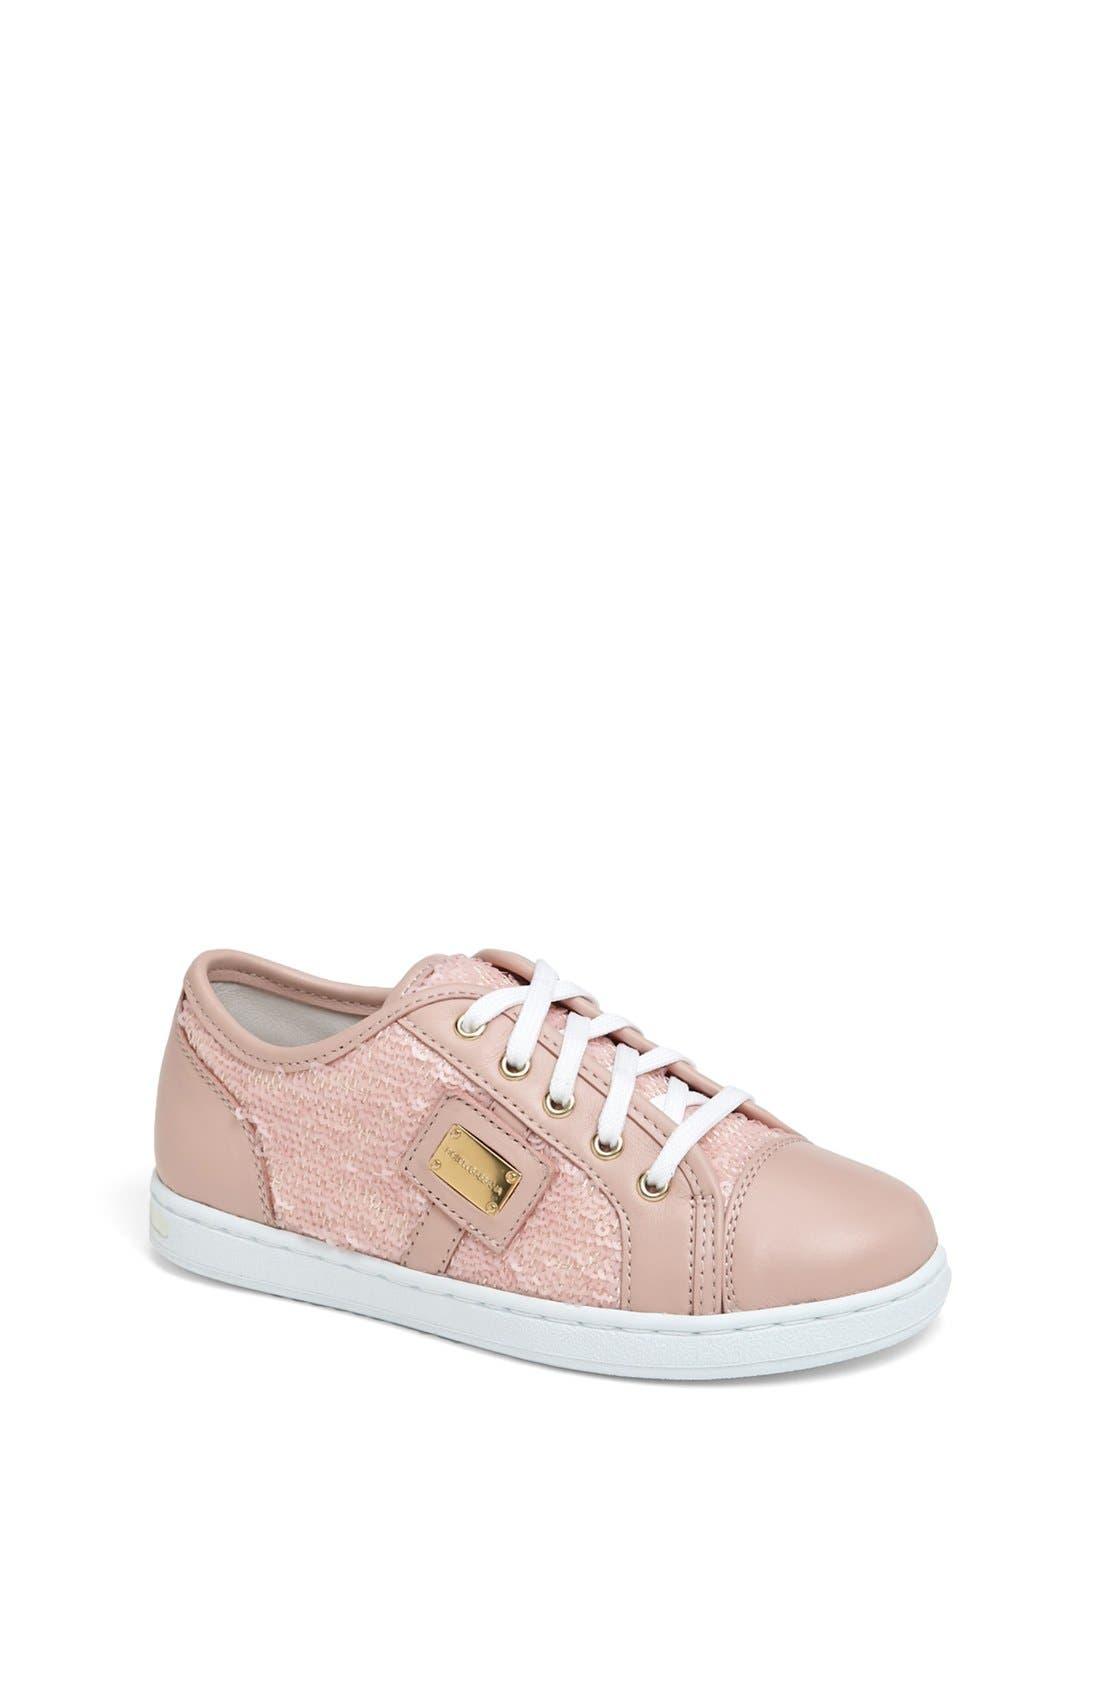 Alternate Image 1 Selected - Dolce&Gabbana Sequin Sneaker (Toddler & Little Kid)